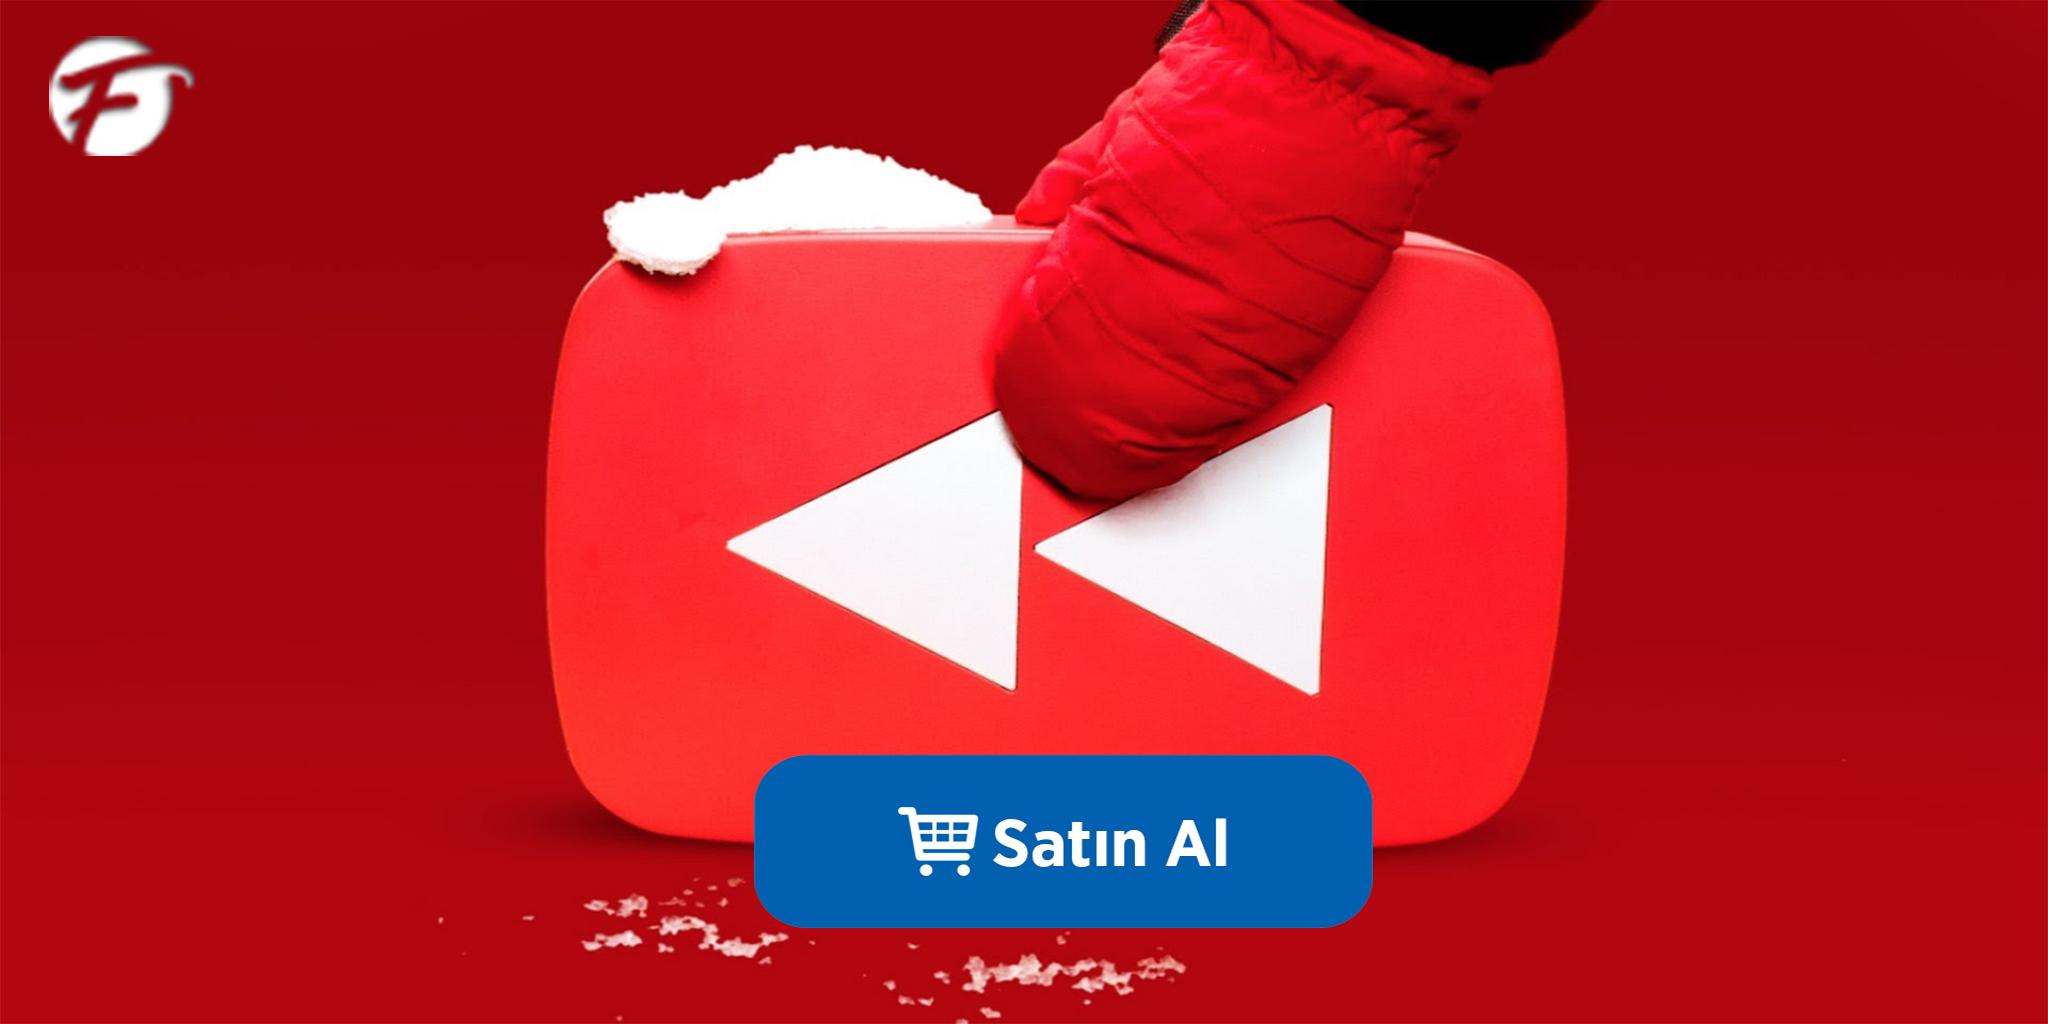 İzlenme Sayısının Artması Youtube Kanalıma Ne Sağlar?